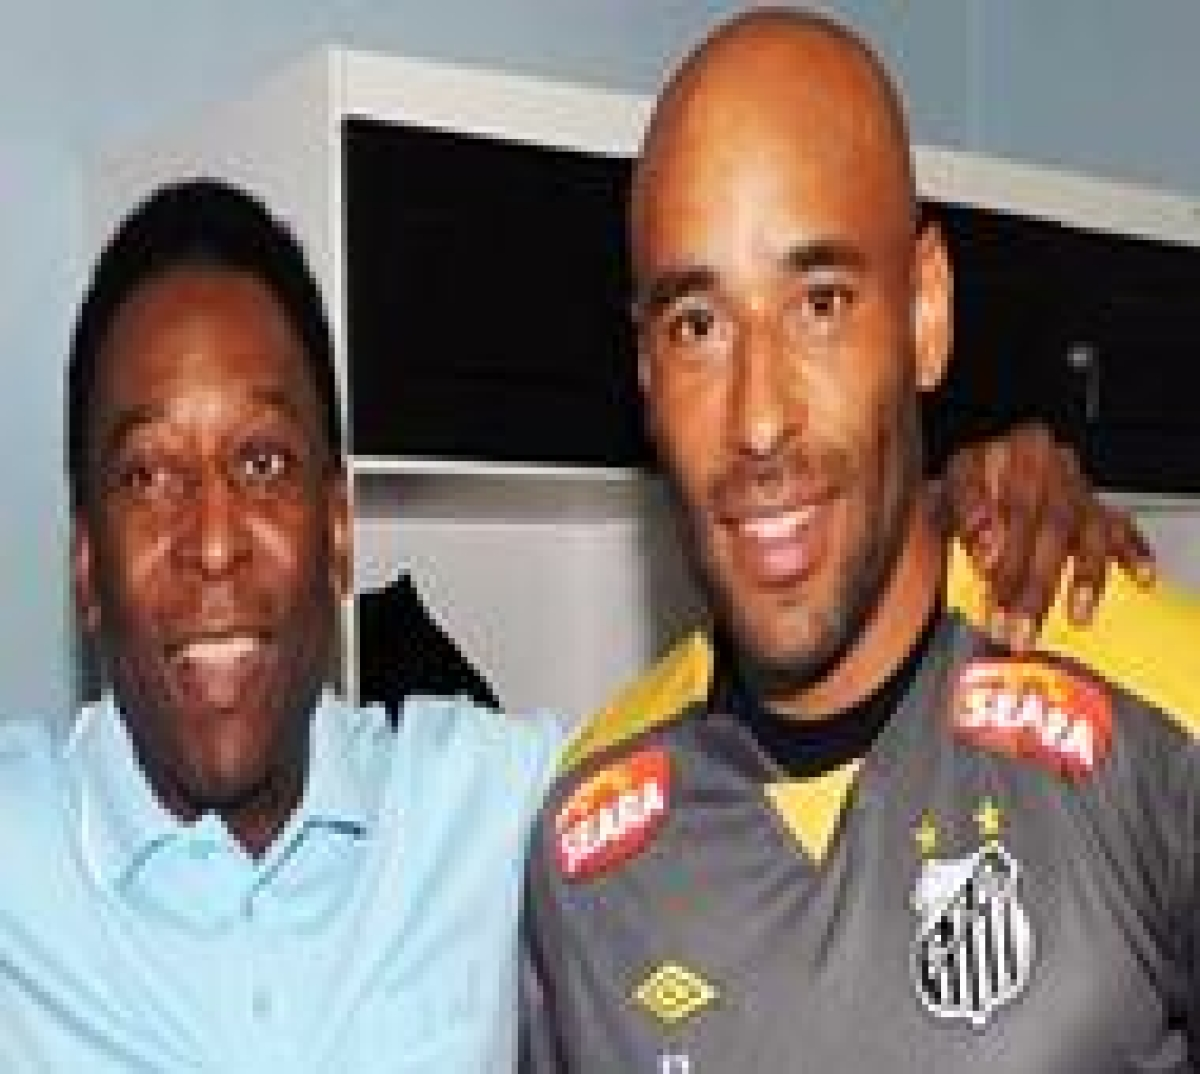 Pele's son to coach semi-pro club